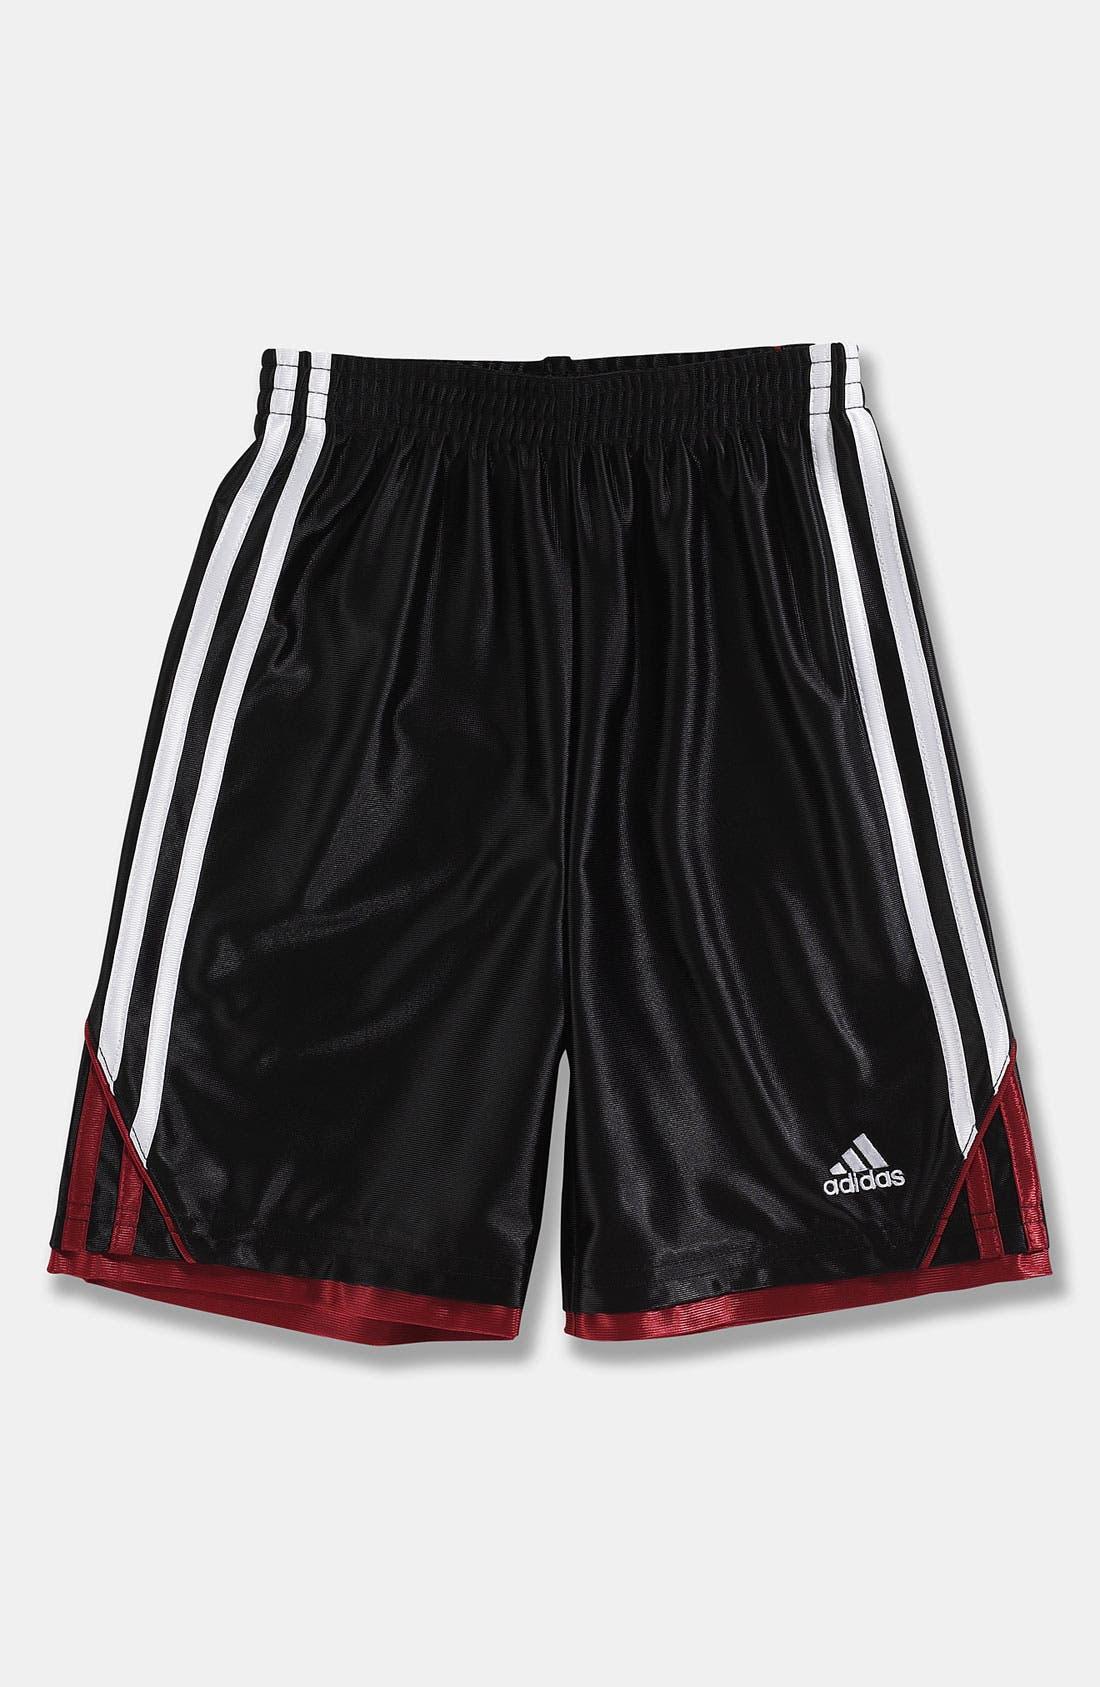 Main Image - adidas 'Prime Dazzle' Shorts (Little Boys)